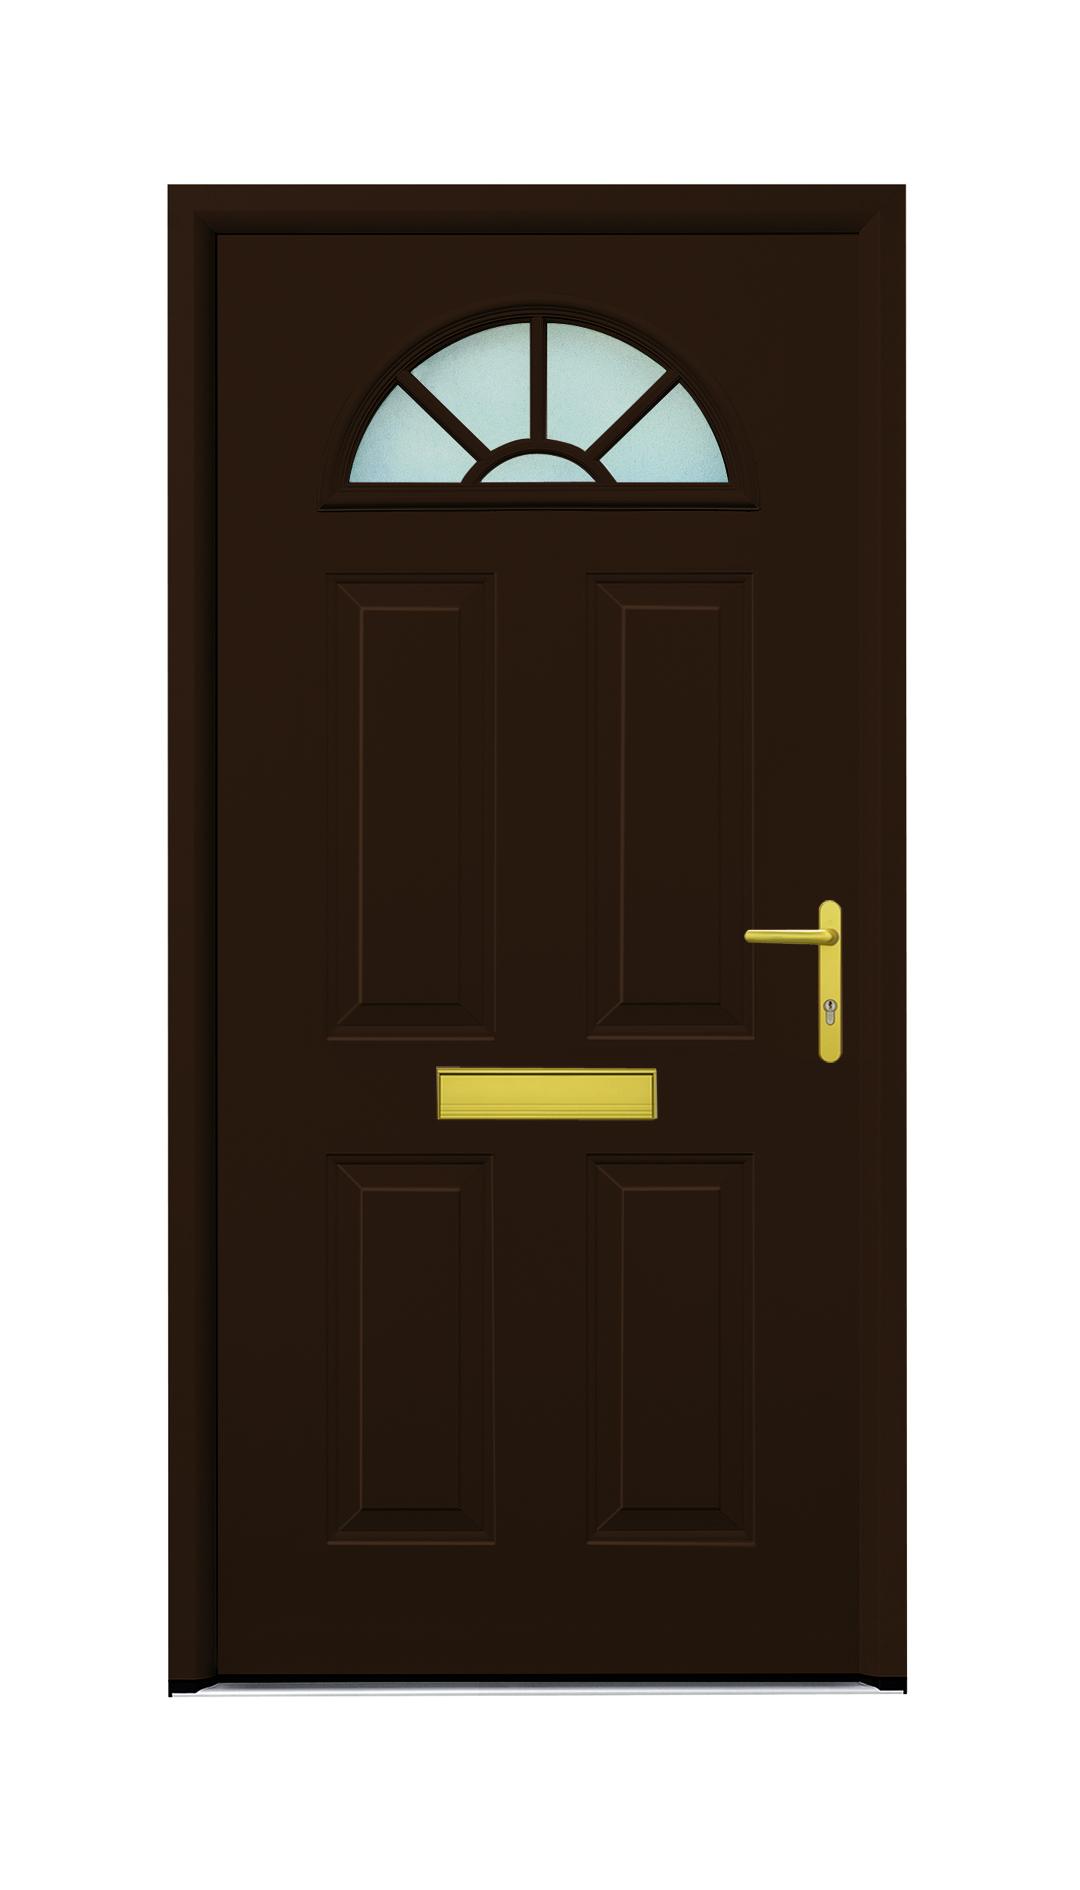 adoordoors hormann adoordoors. Black Bedroom Furniture Sets. Home Design Ideas